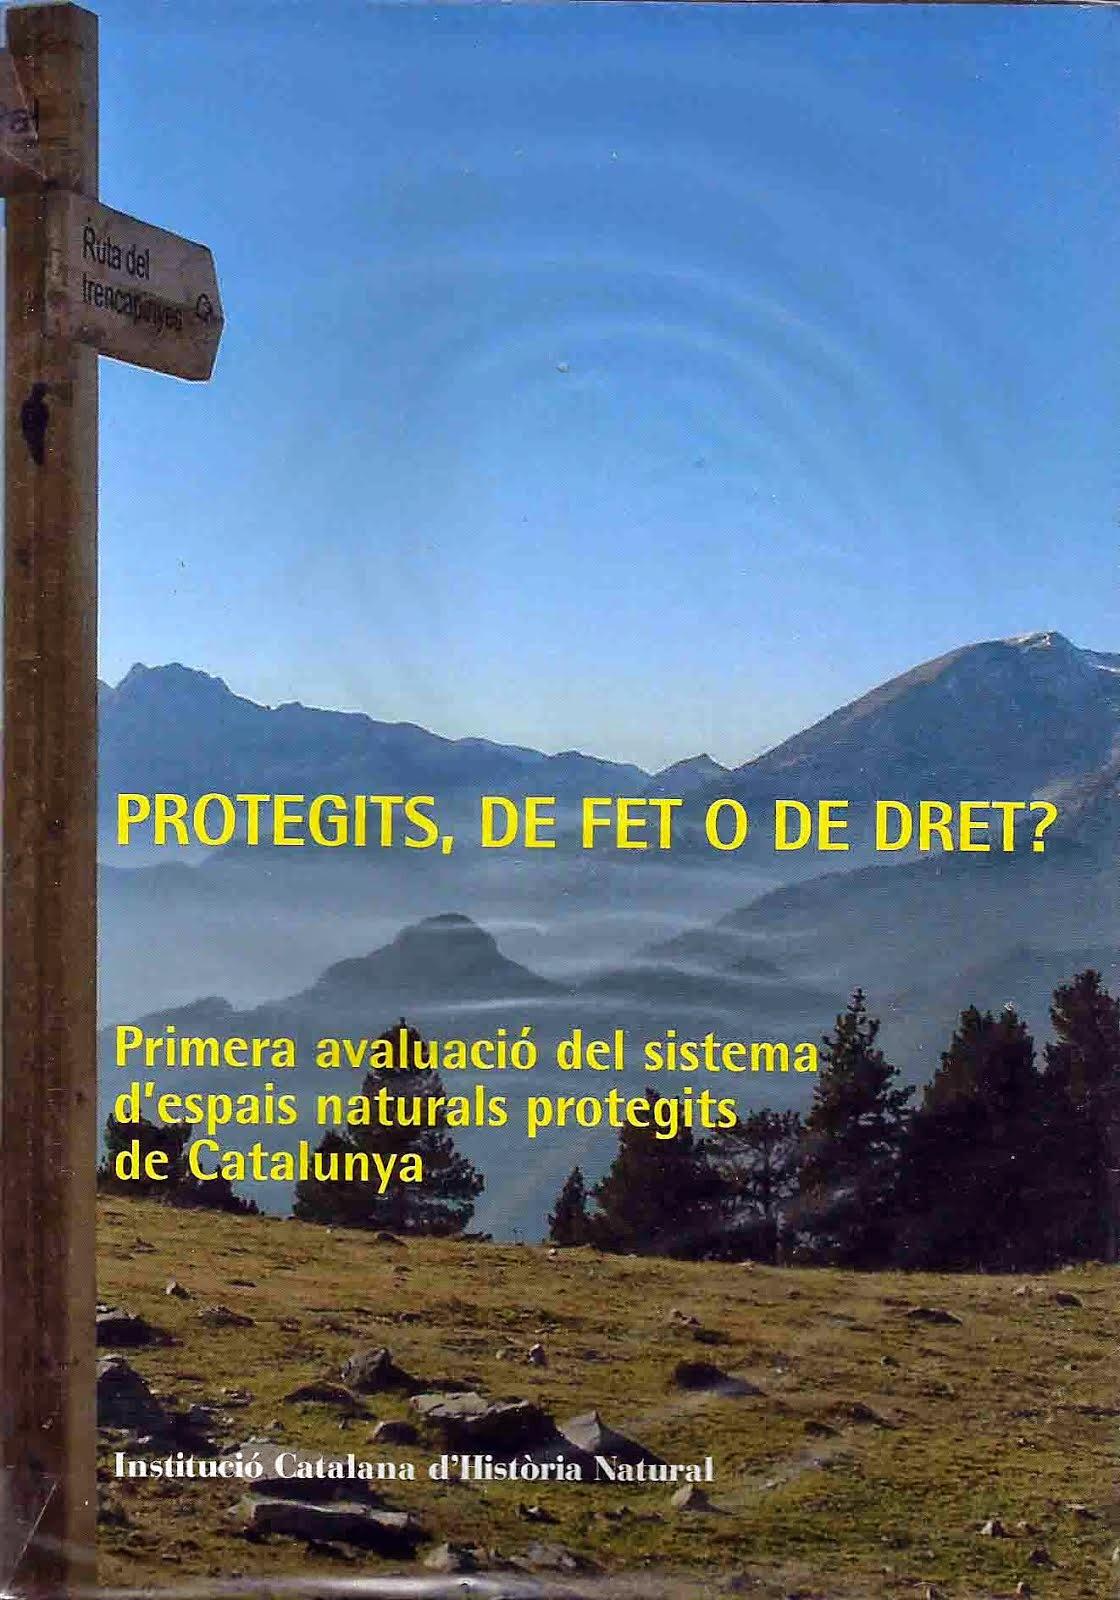 Protegits, de fet o de dret?